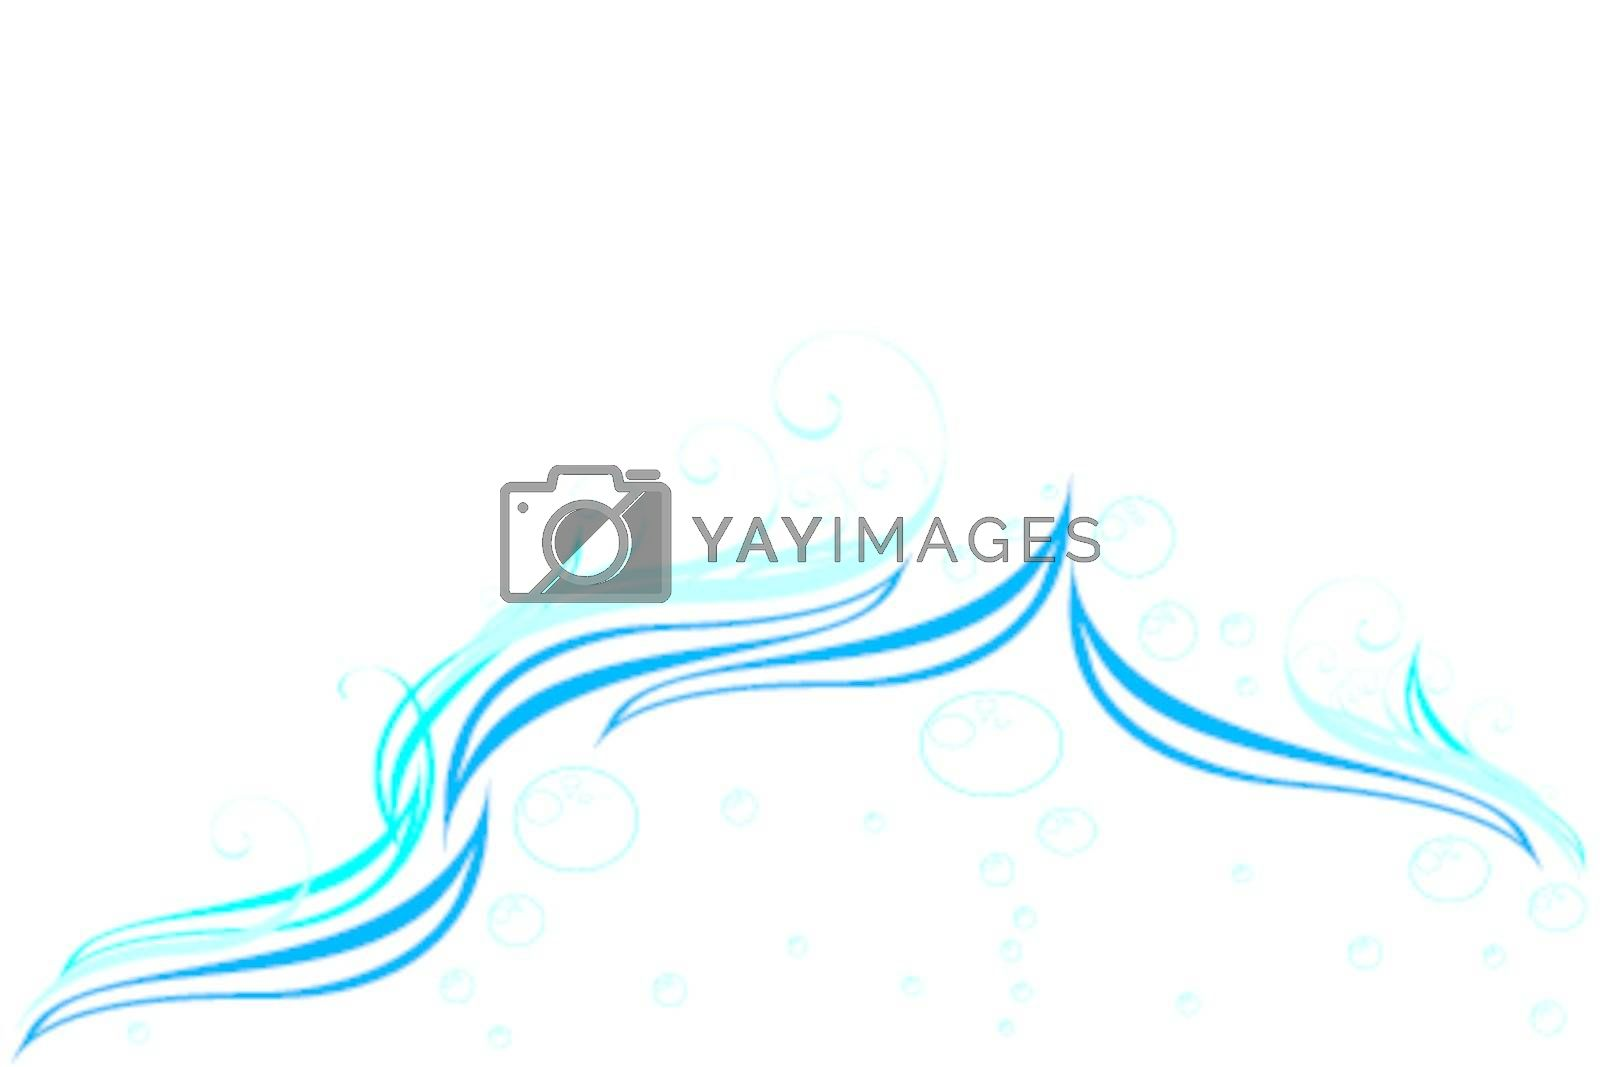 Dark blue splashes in water and air vials